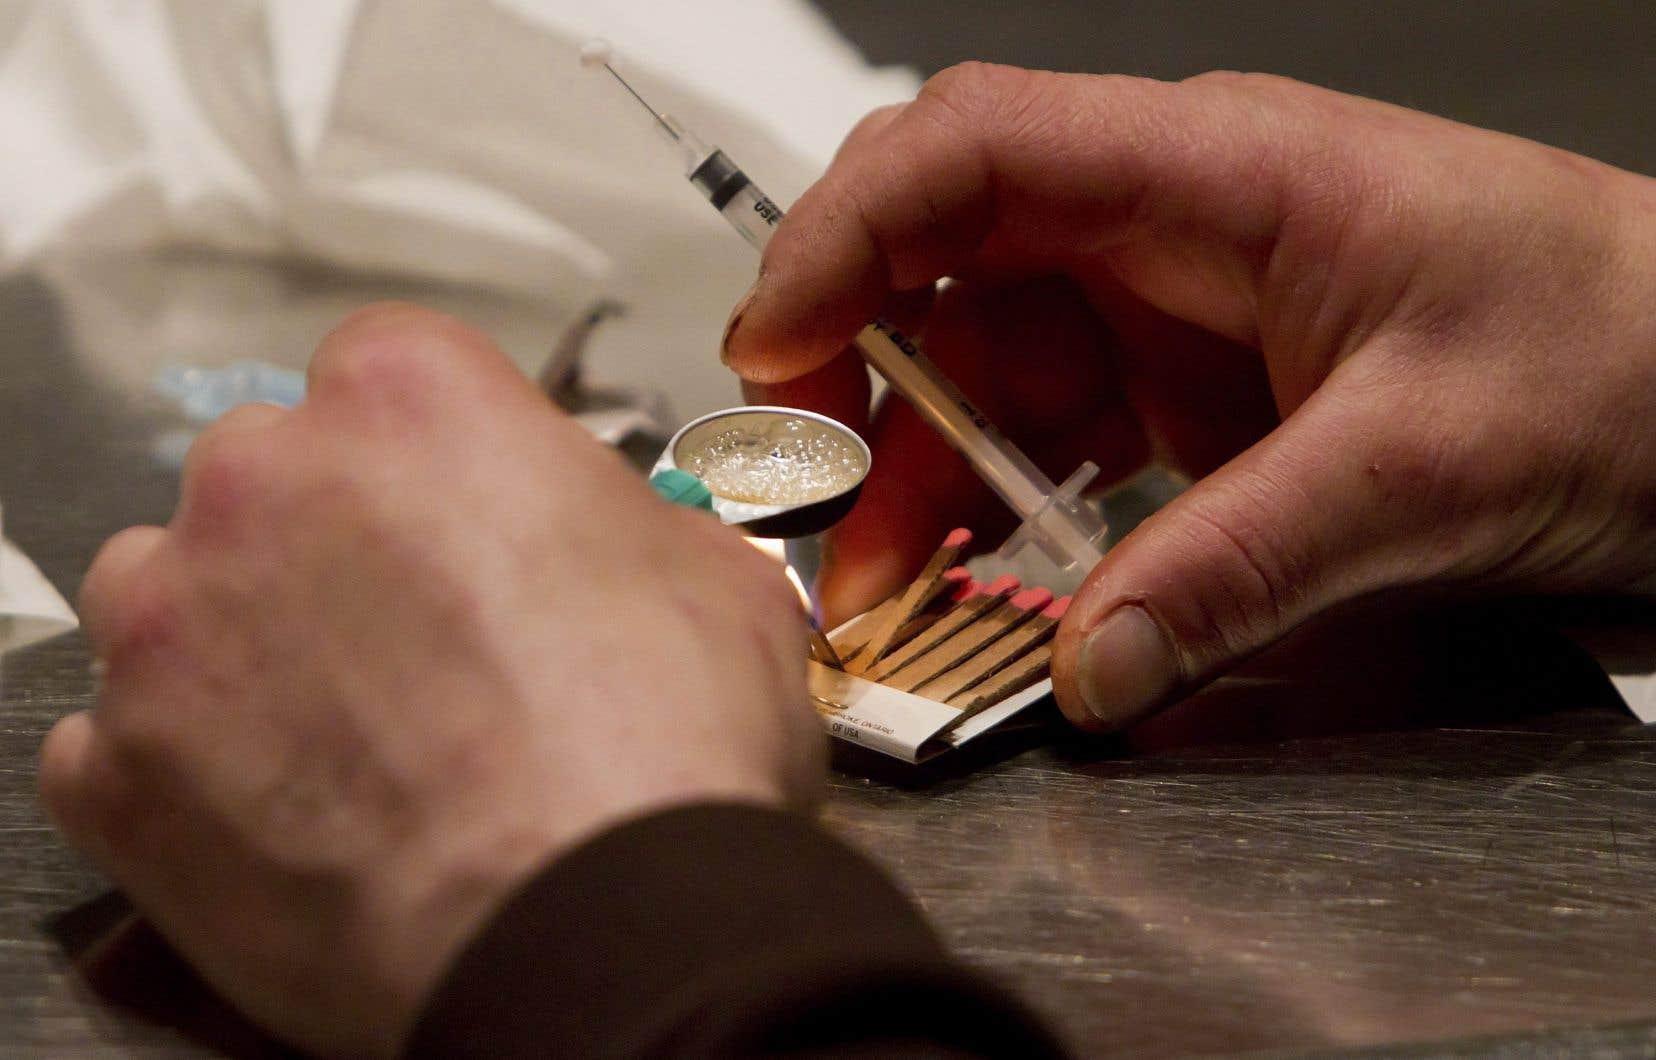 Selon les auteurs, il est sensé, pour des raisons de santé publique, de droits de la personne et de responsabilisation fiscale, d'adopter une approche moins punitive à l'égard des drogues.